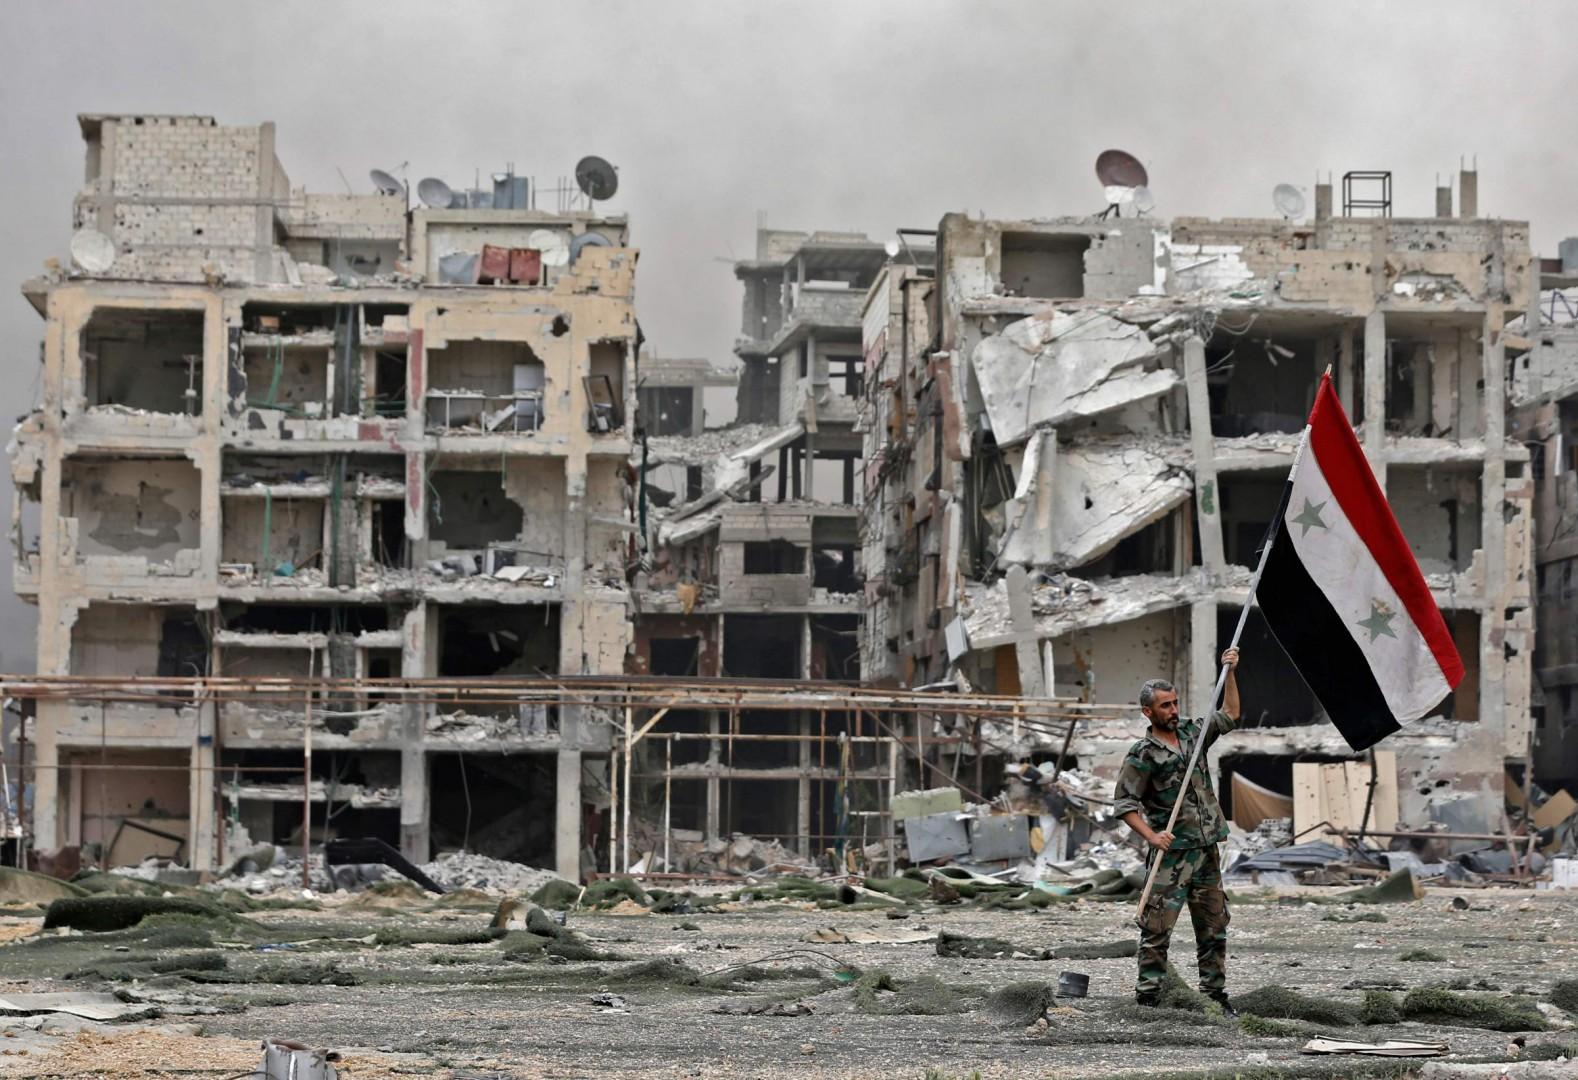 Uno soldato di Assad issa la bandiera governativa nel campo profughi di Yarmouk (LaPresse)